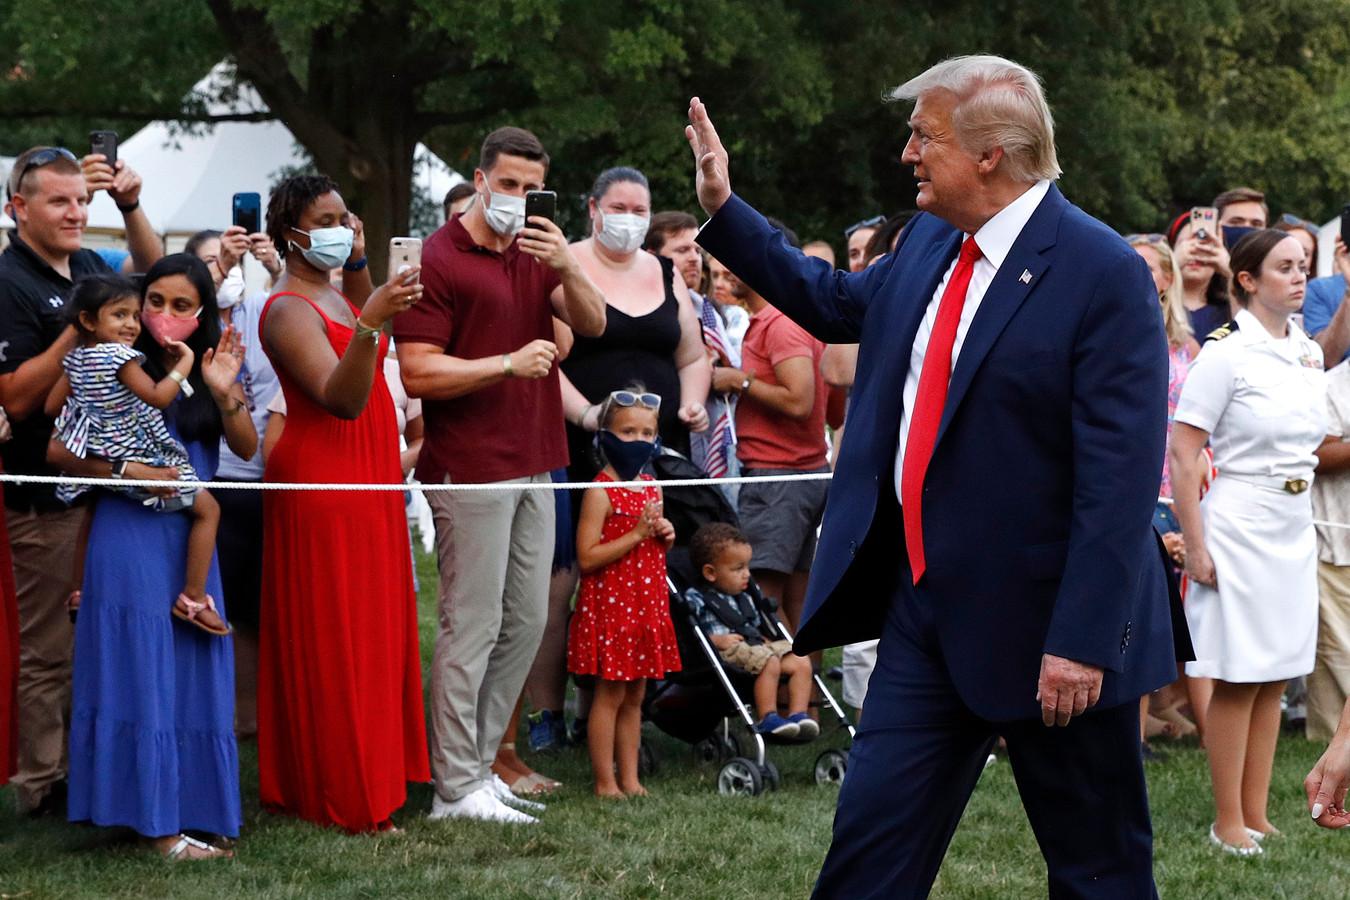 President Donald Trump groet bezoekers van het 'Salute to America' evenement gisteren in Washington.